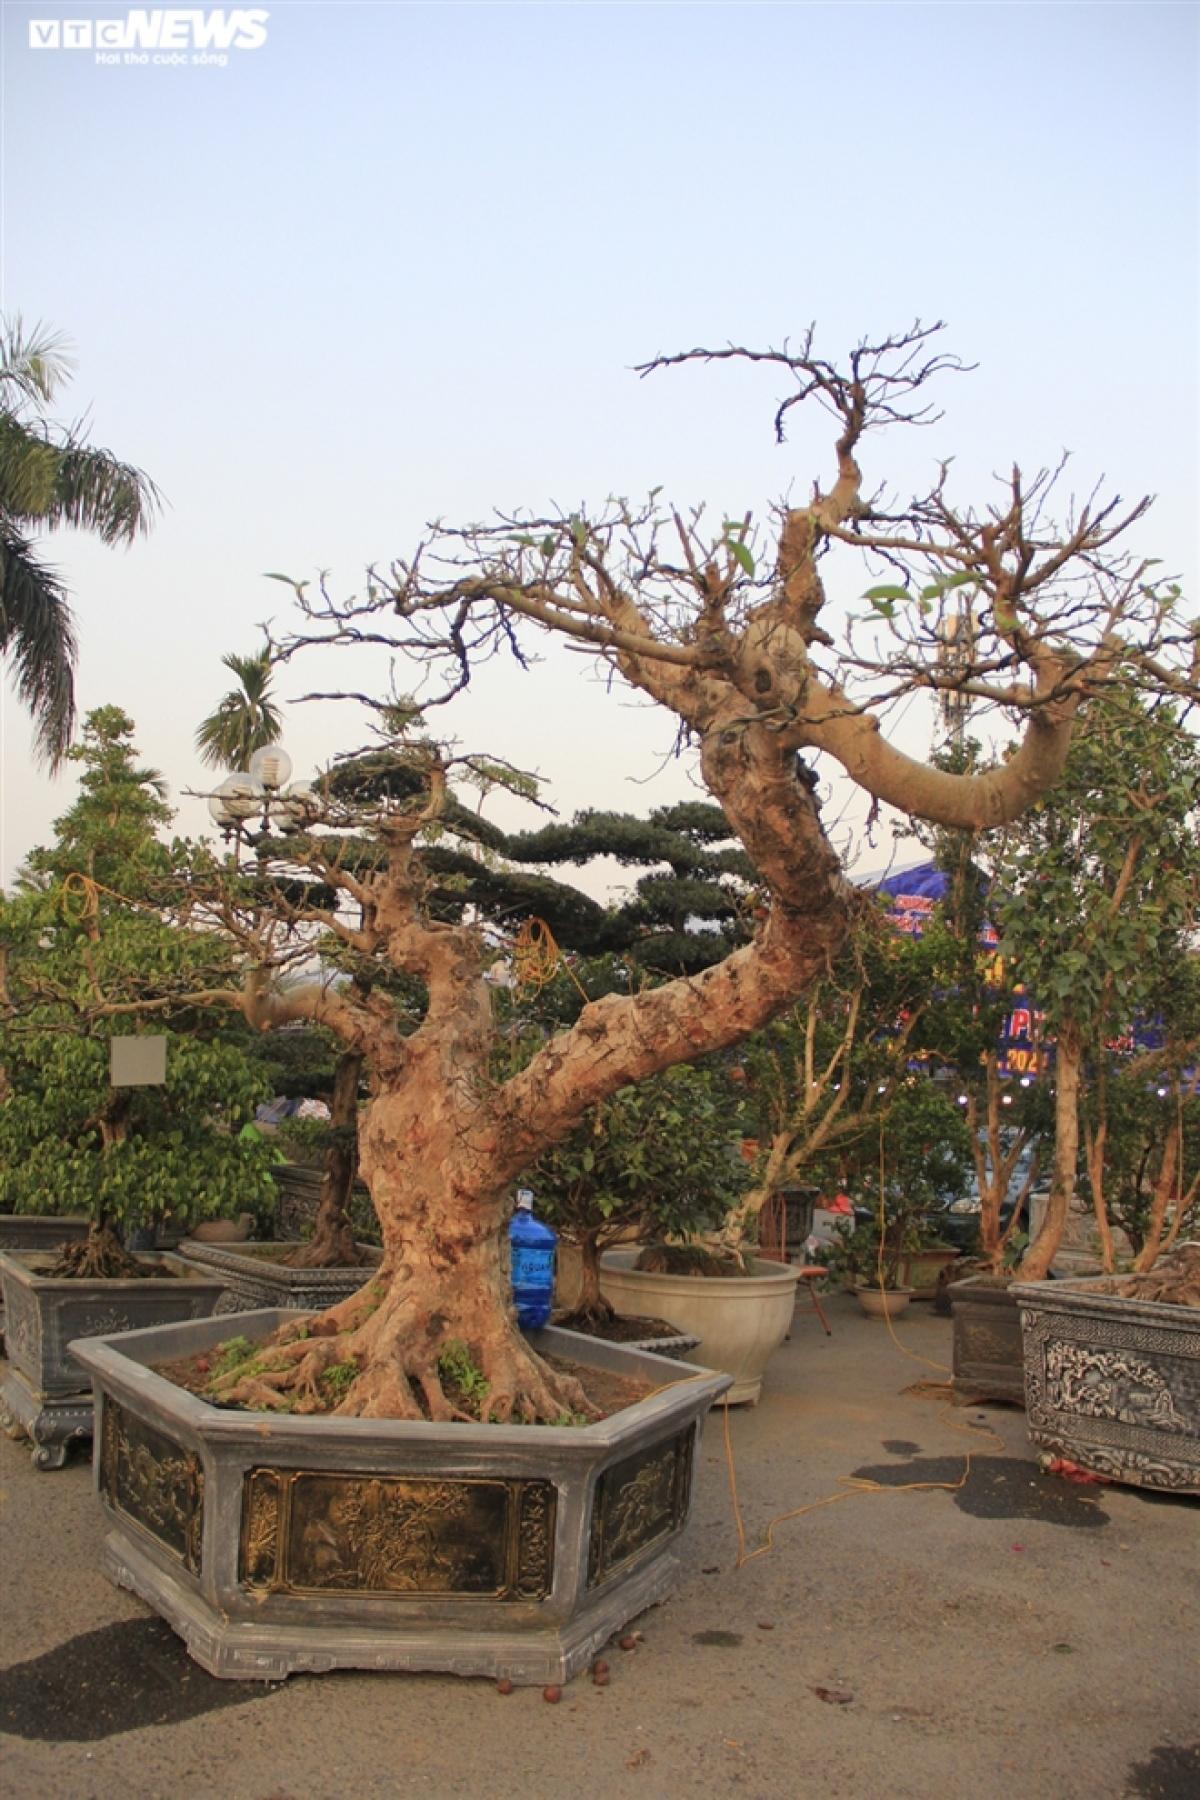 Chỉ còn ít ngày nữa là đến Tết Nguyên Đán, thị trường cây cảnh đang rất nóng. Bên cạnh đào, quất, bưởi thì người dân rất thích trưng bày cây sung vì theo quan niệm dân gian, sung là loại cây cảnh tượng trưng cho sự sung túc.